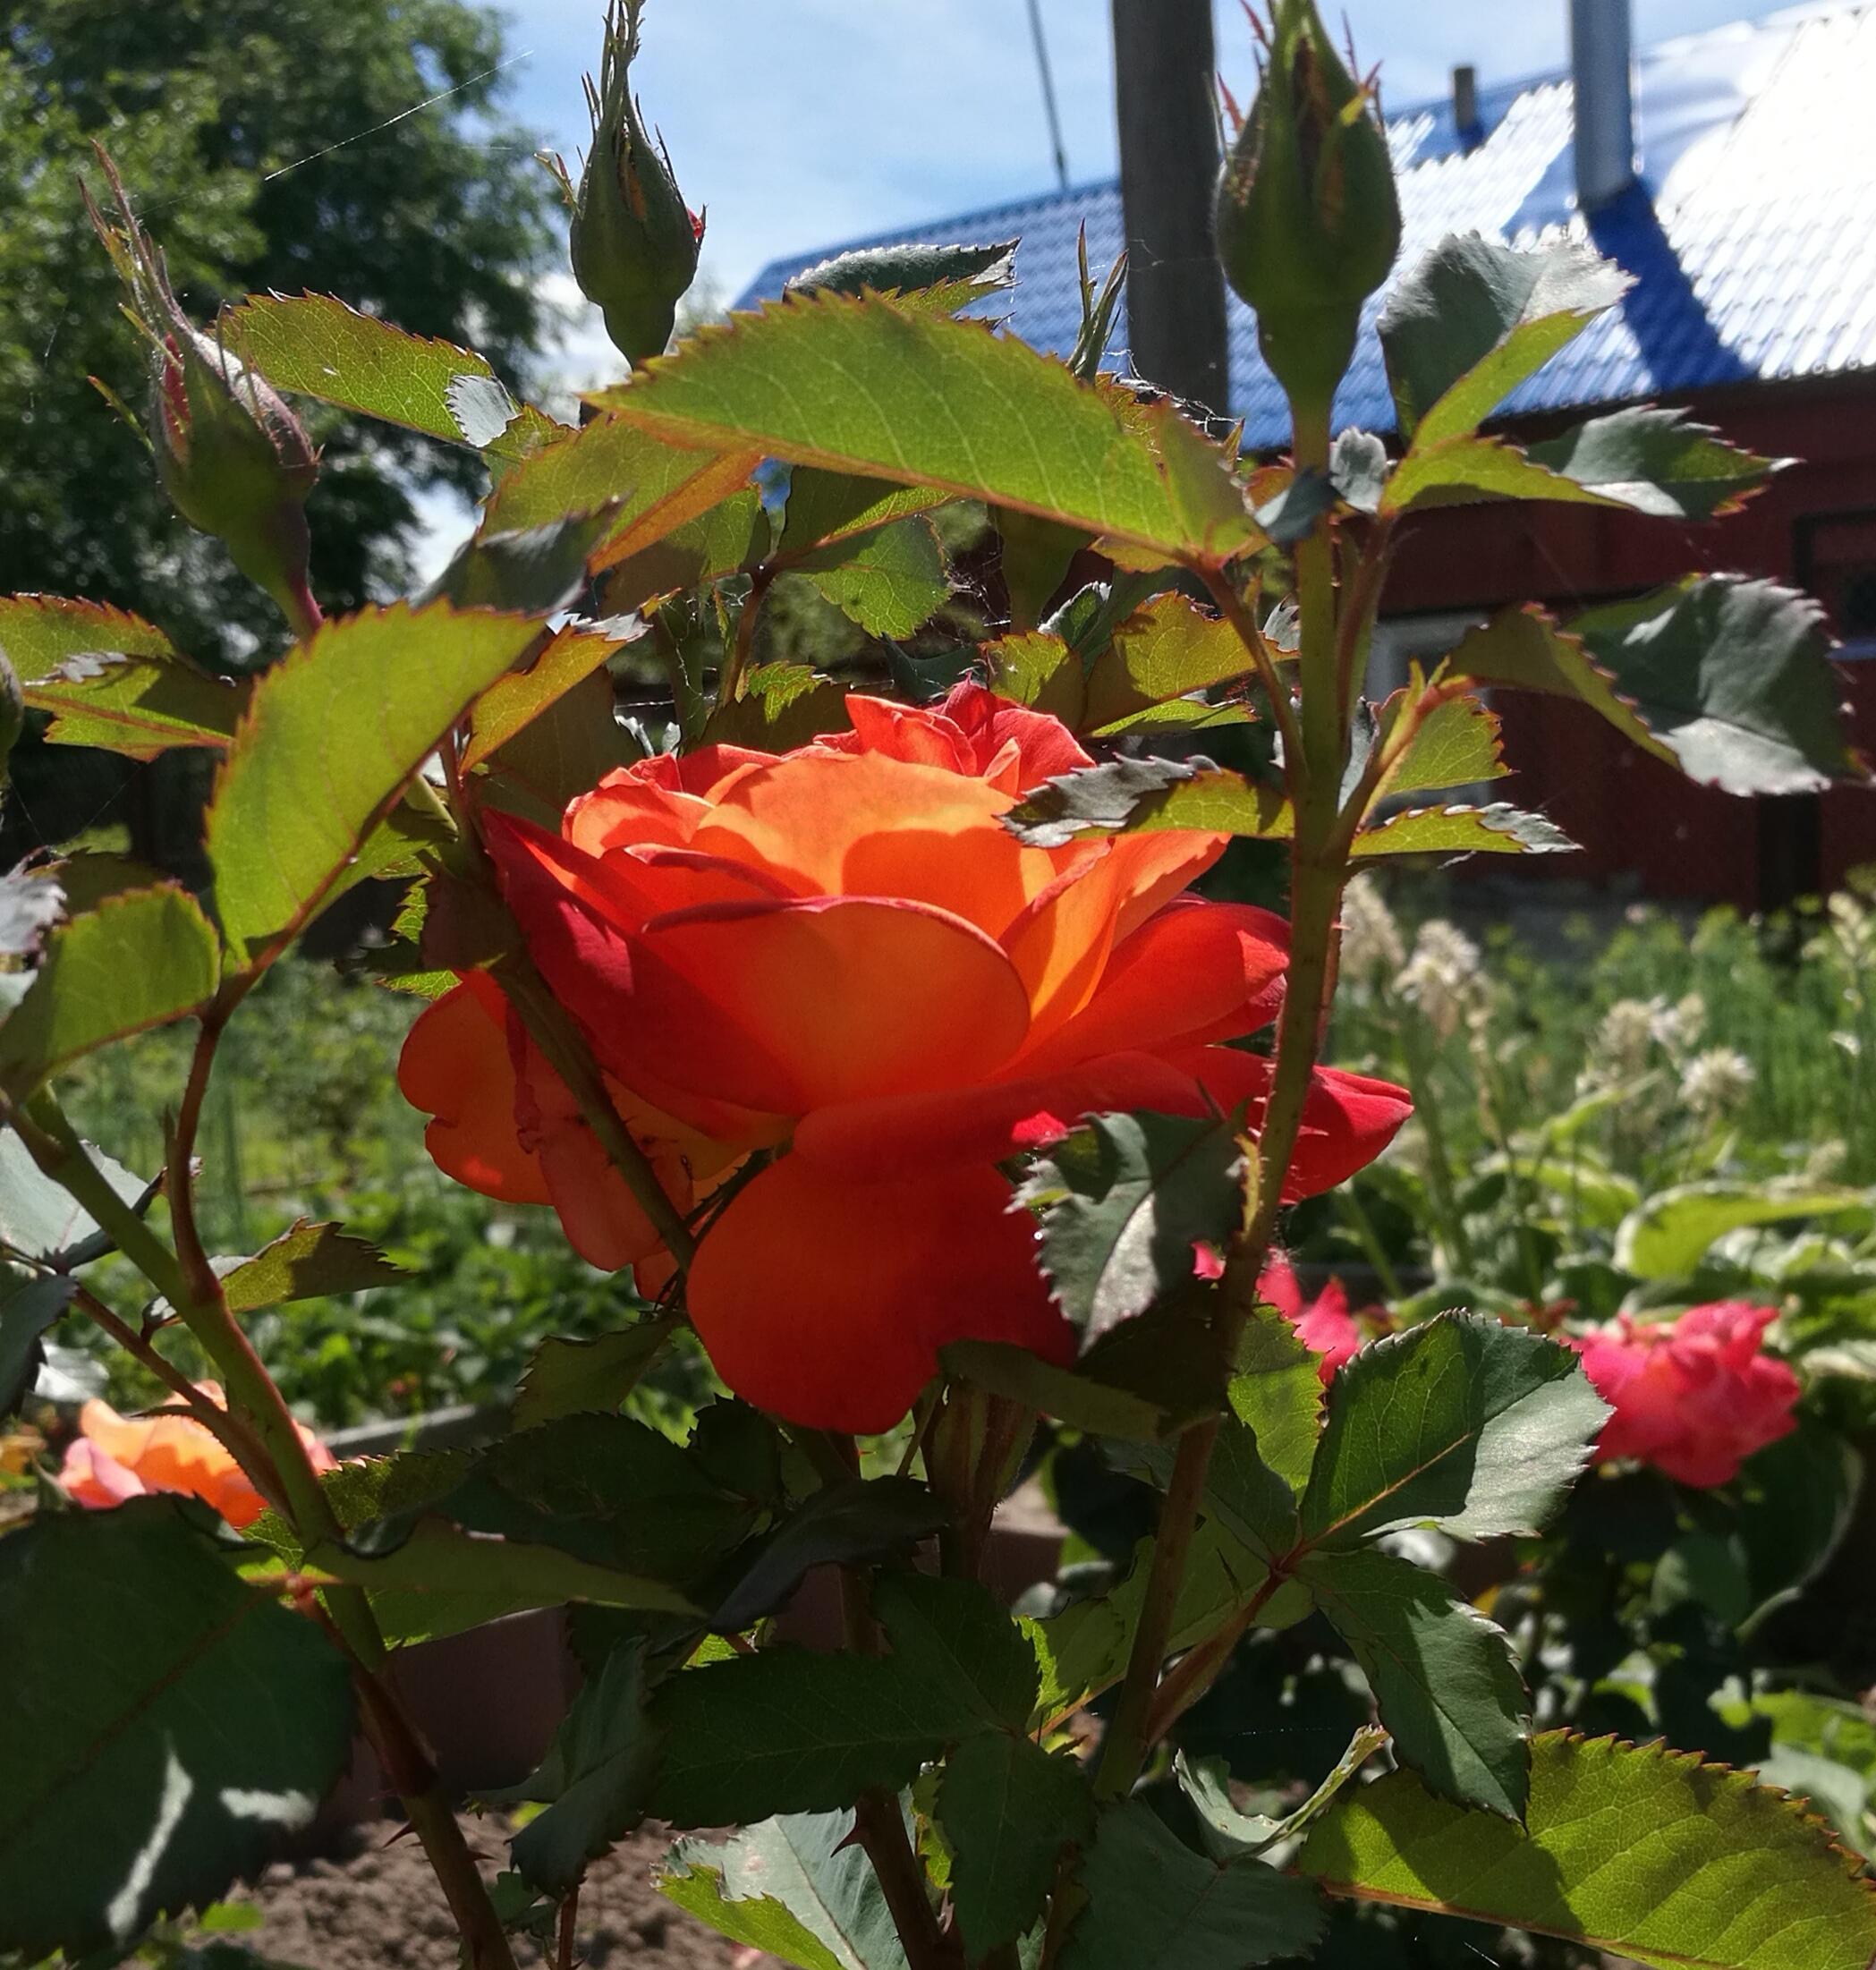 Пройдемте в сад? Я покажу вас розам:) (Р. Шерид) . Блиц: розы